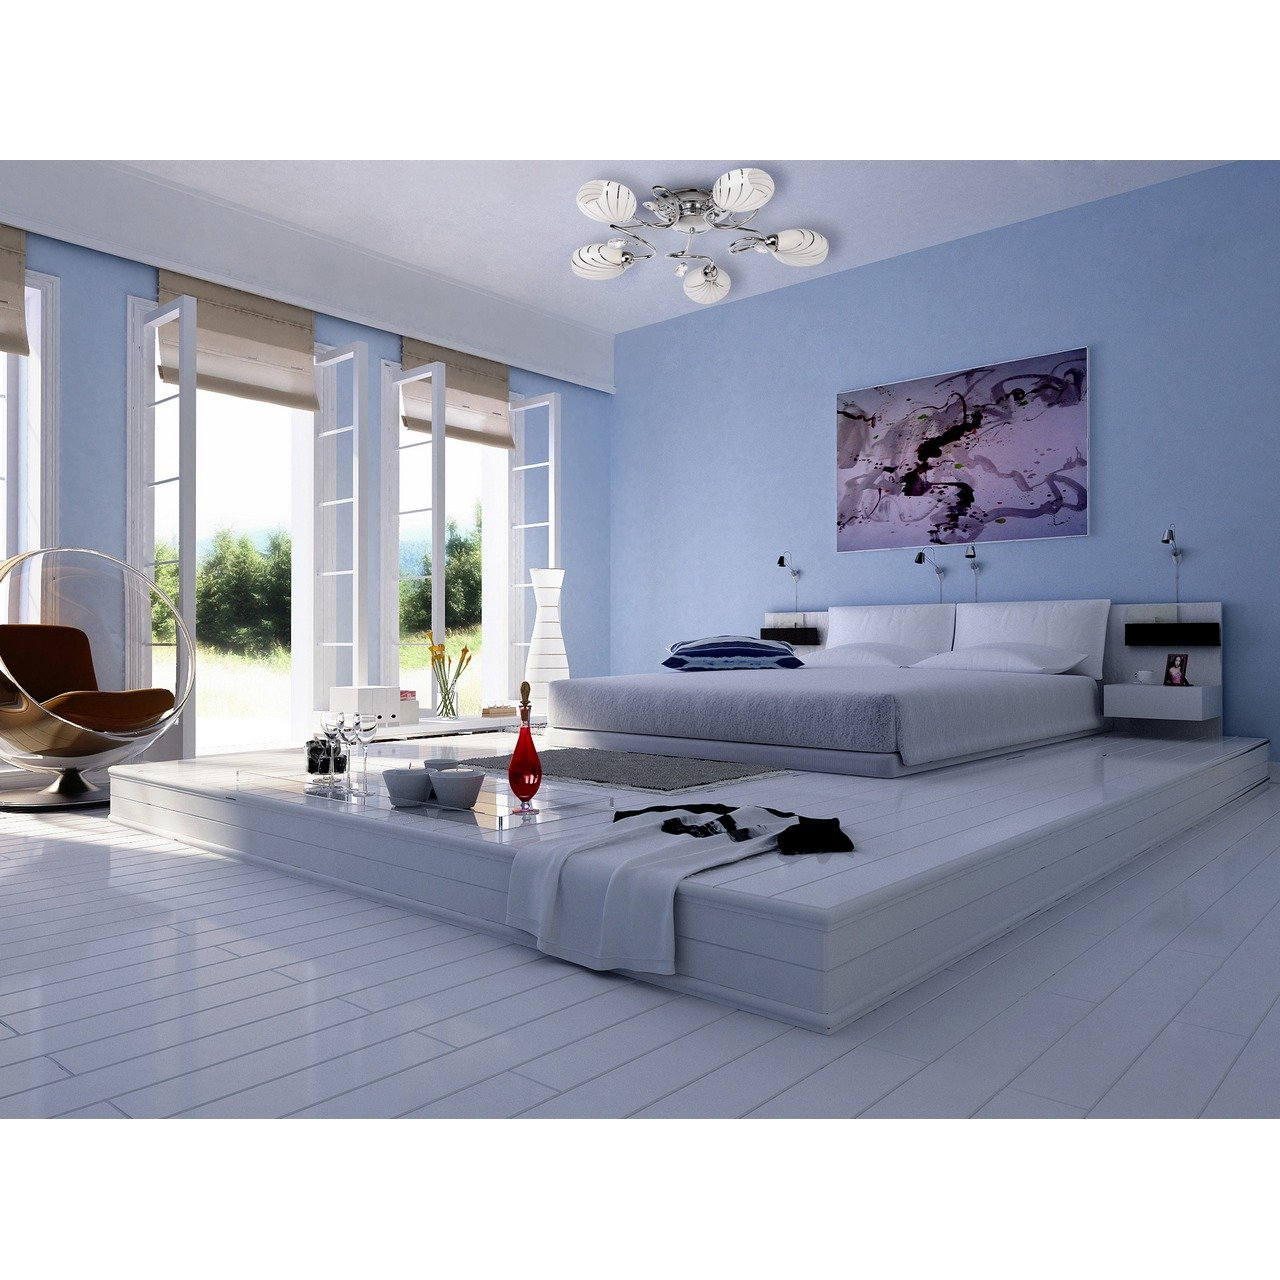 Demarkt Plafonnier Moderne en M/étal Noir Brillant avec 5 Abat-jours en Verre Blanc Mat avec Motif pour Chambre ou Cuisine 5x60W E14